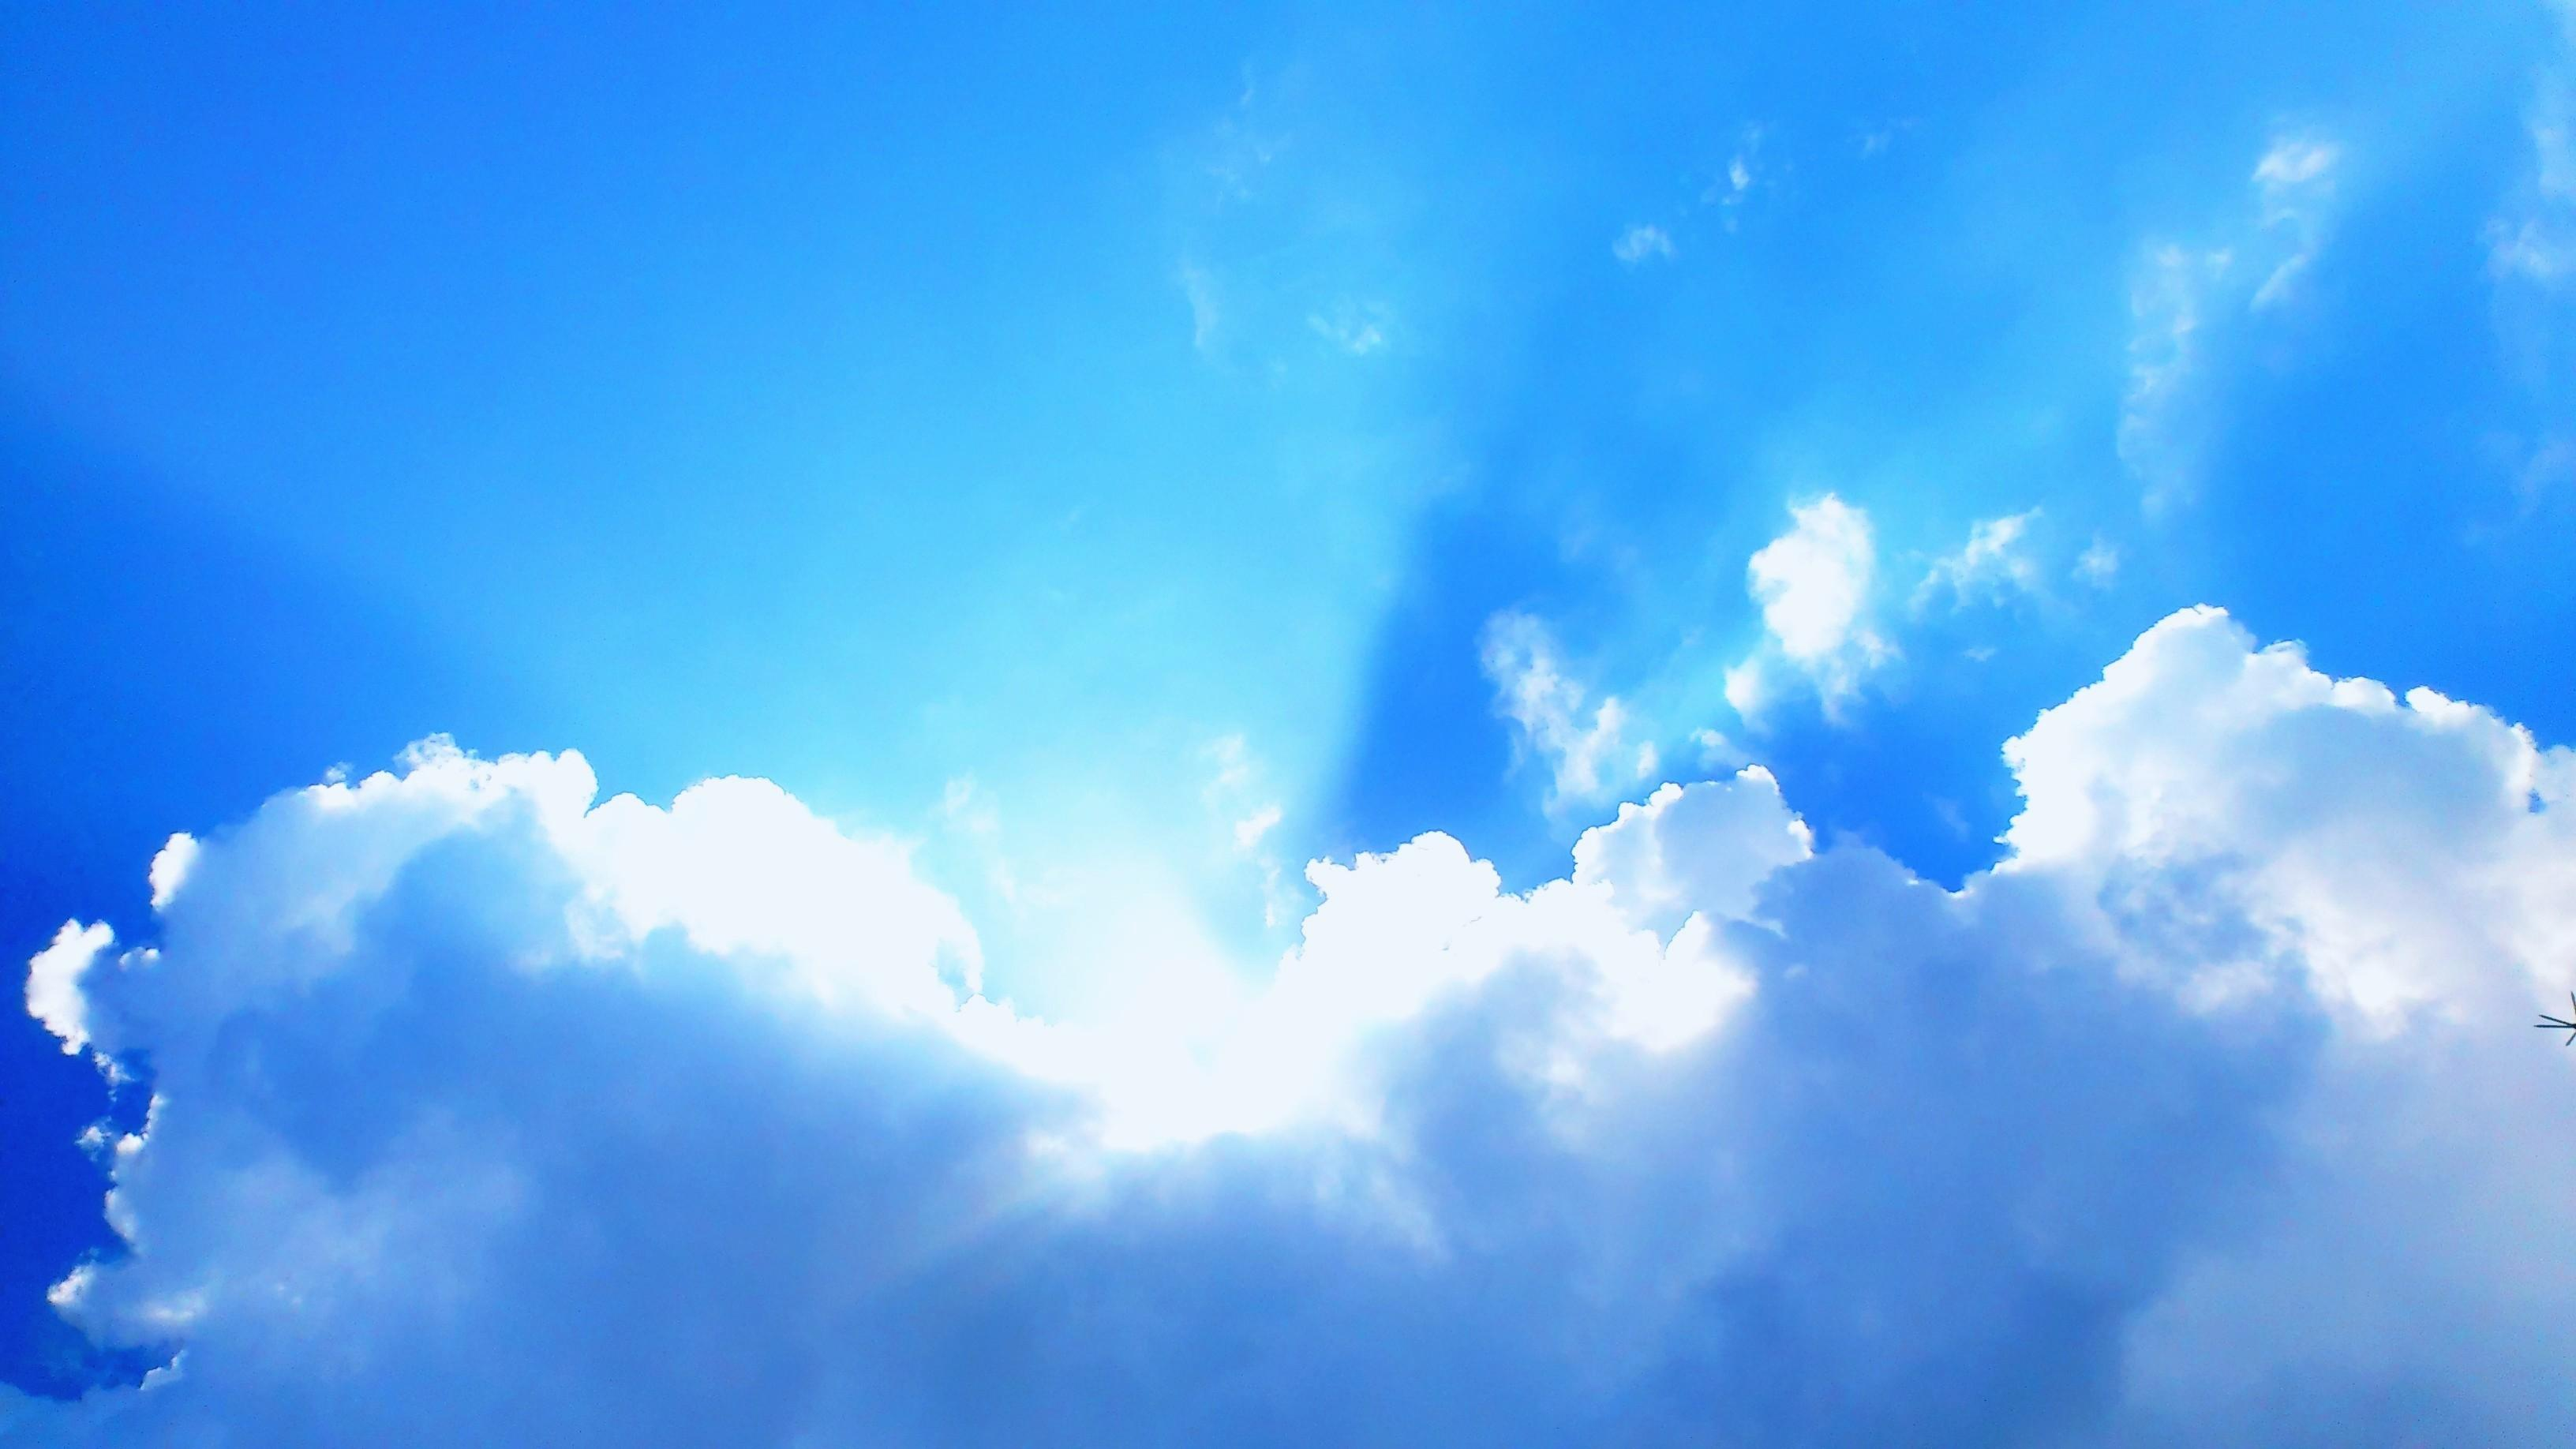 Light Blue Hd Wallpapers 1080p Tosmun